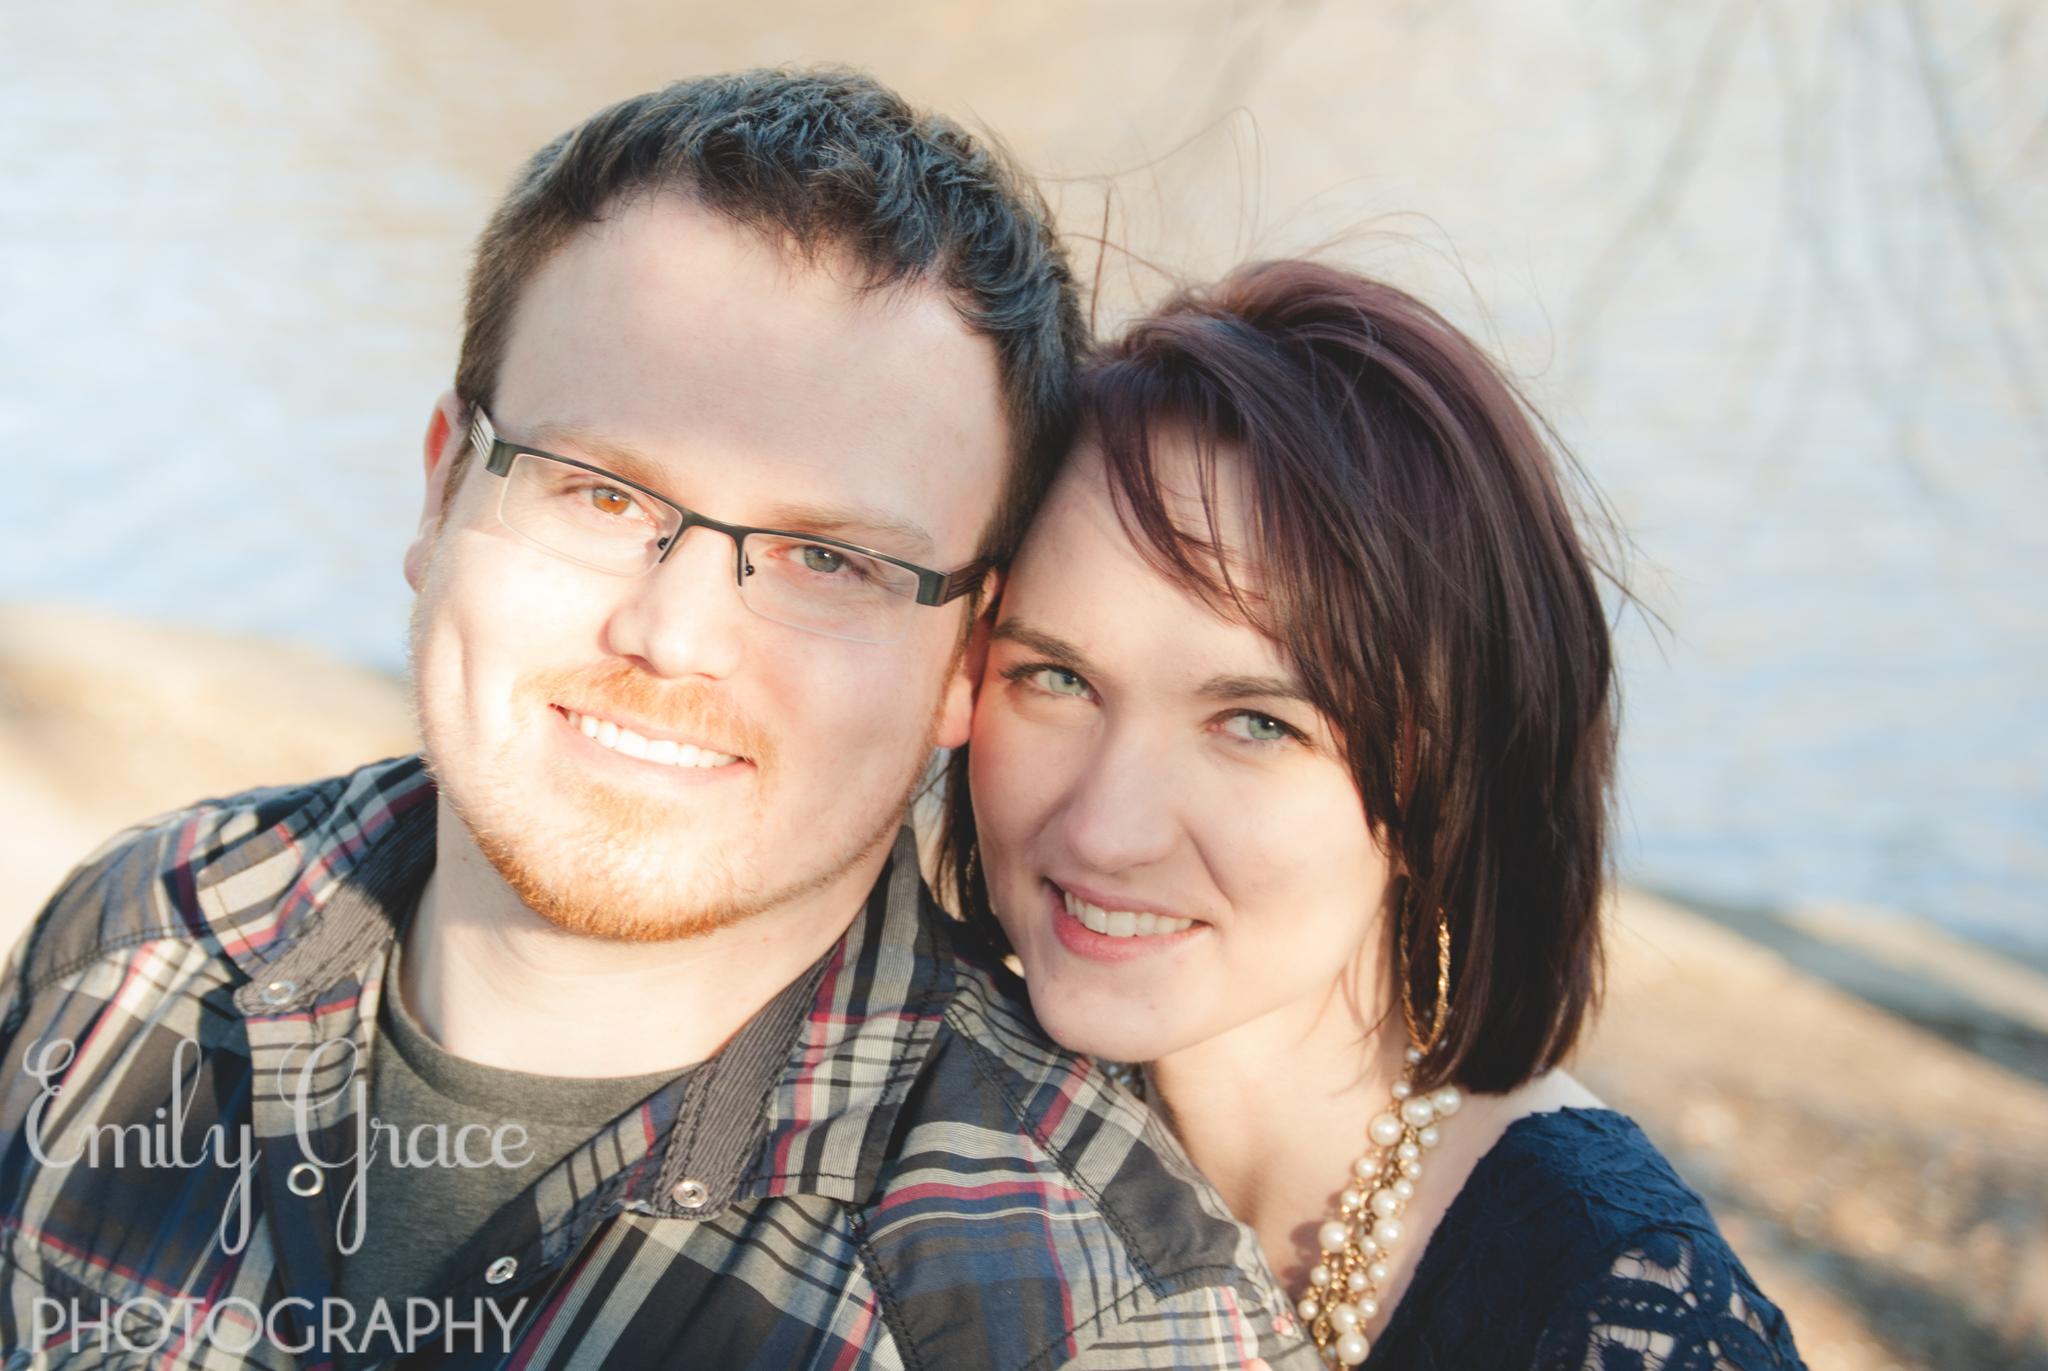 Ryan & Rebekah-35.jpg